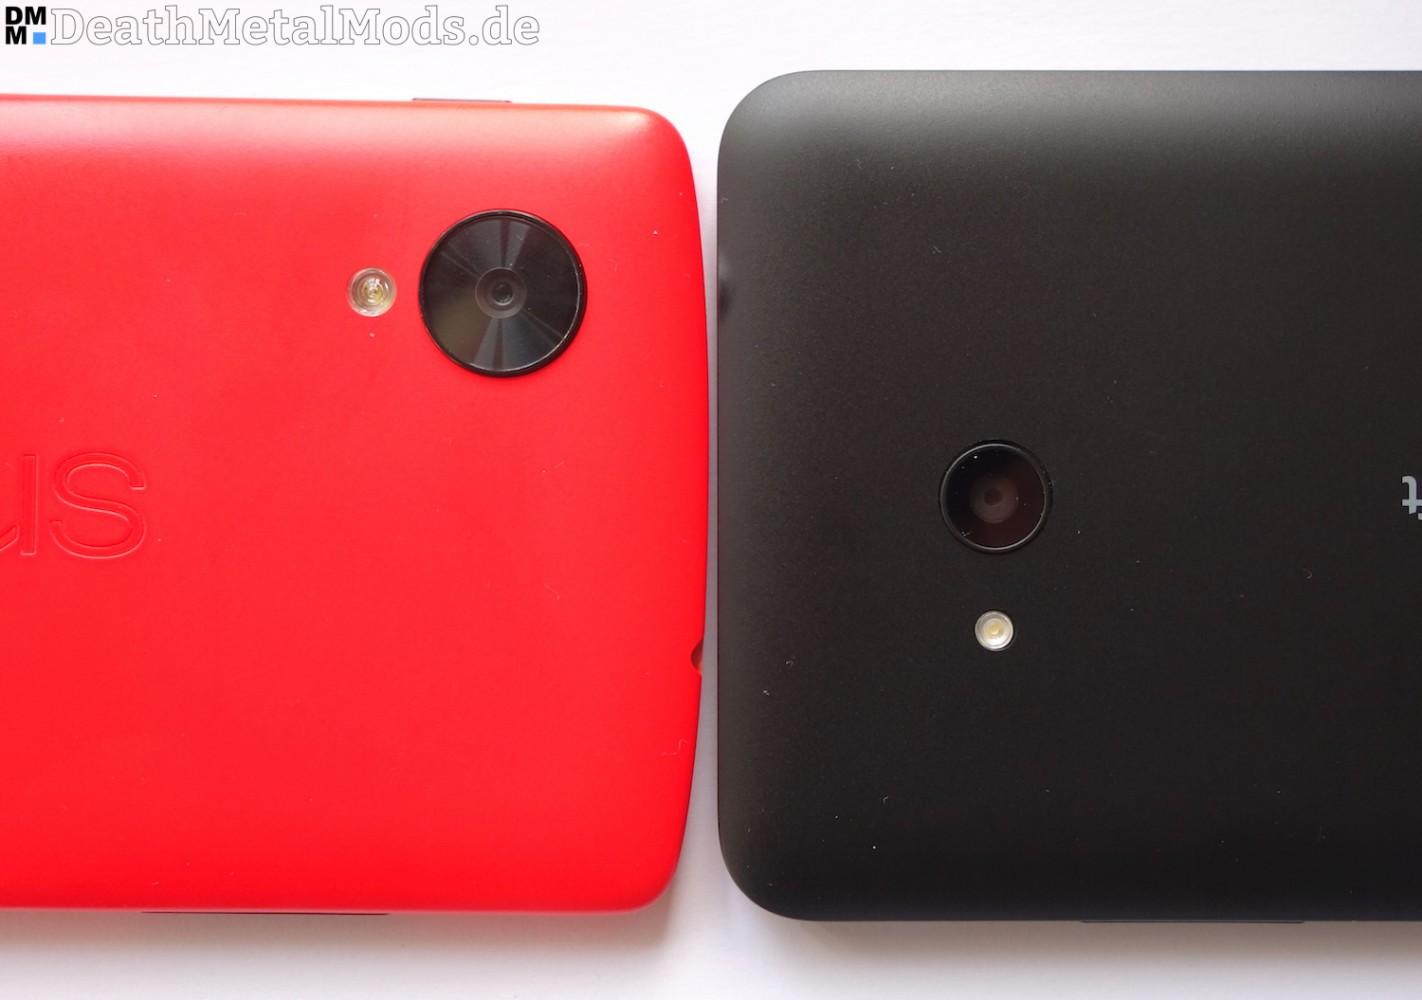 Lumia640vsNexus5